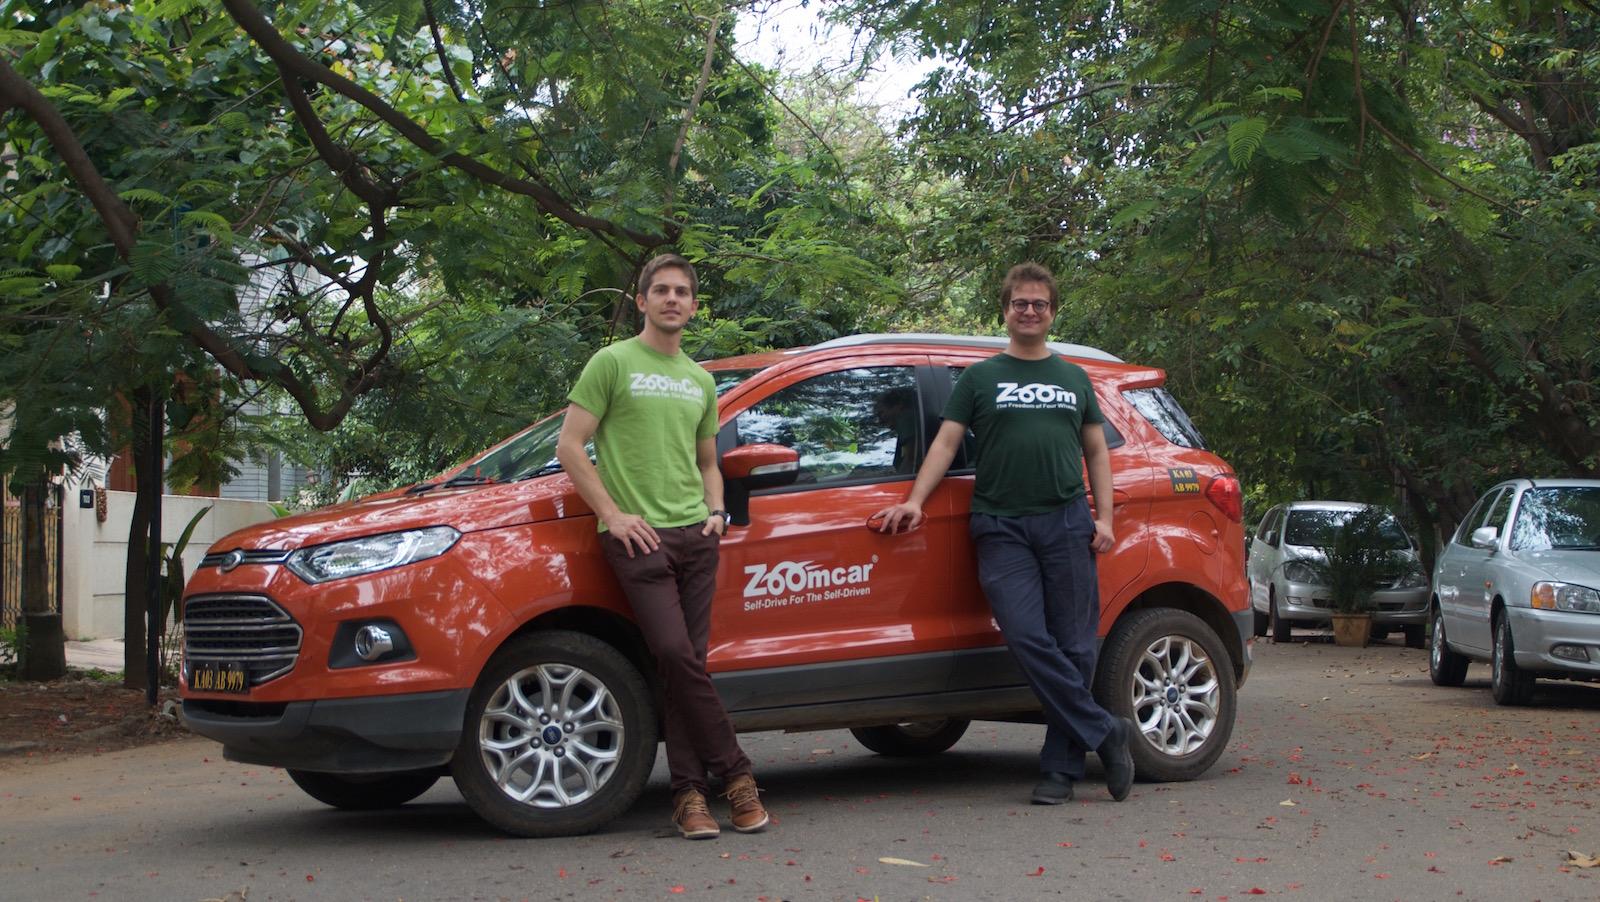 Zoomcar-Self drive